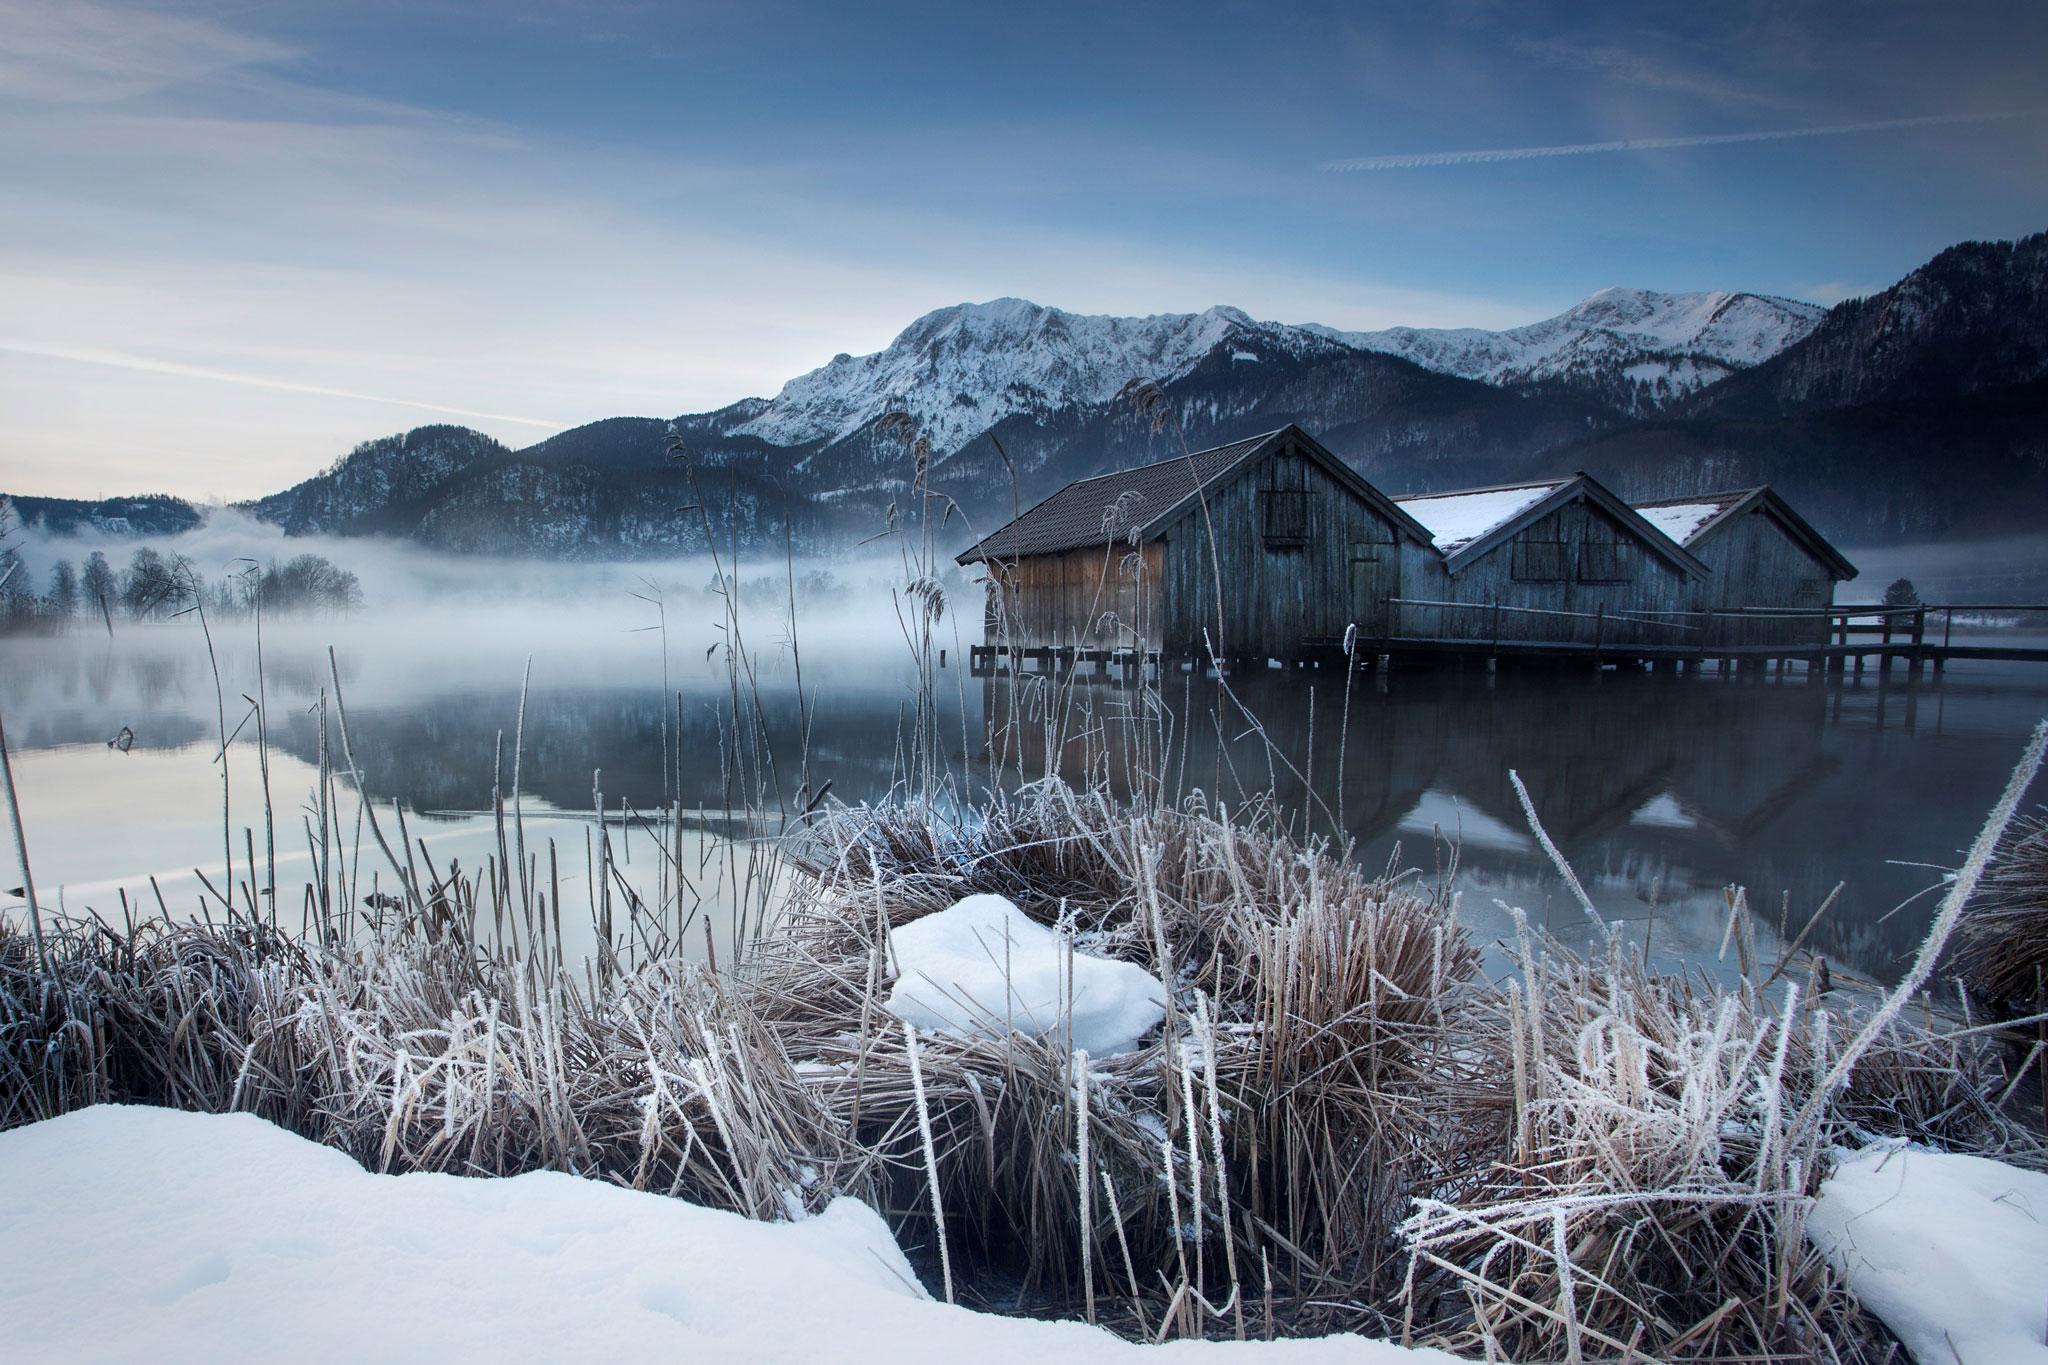 Landschaftsfotografie Birgit Kindsmüller: Kochelsee